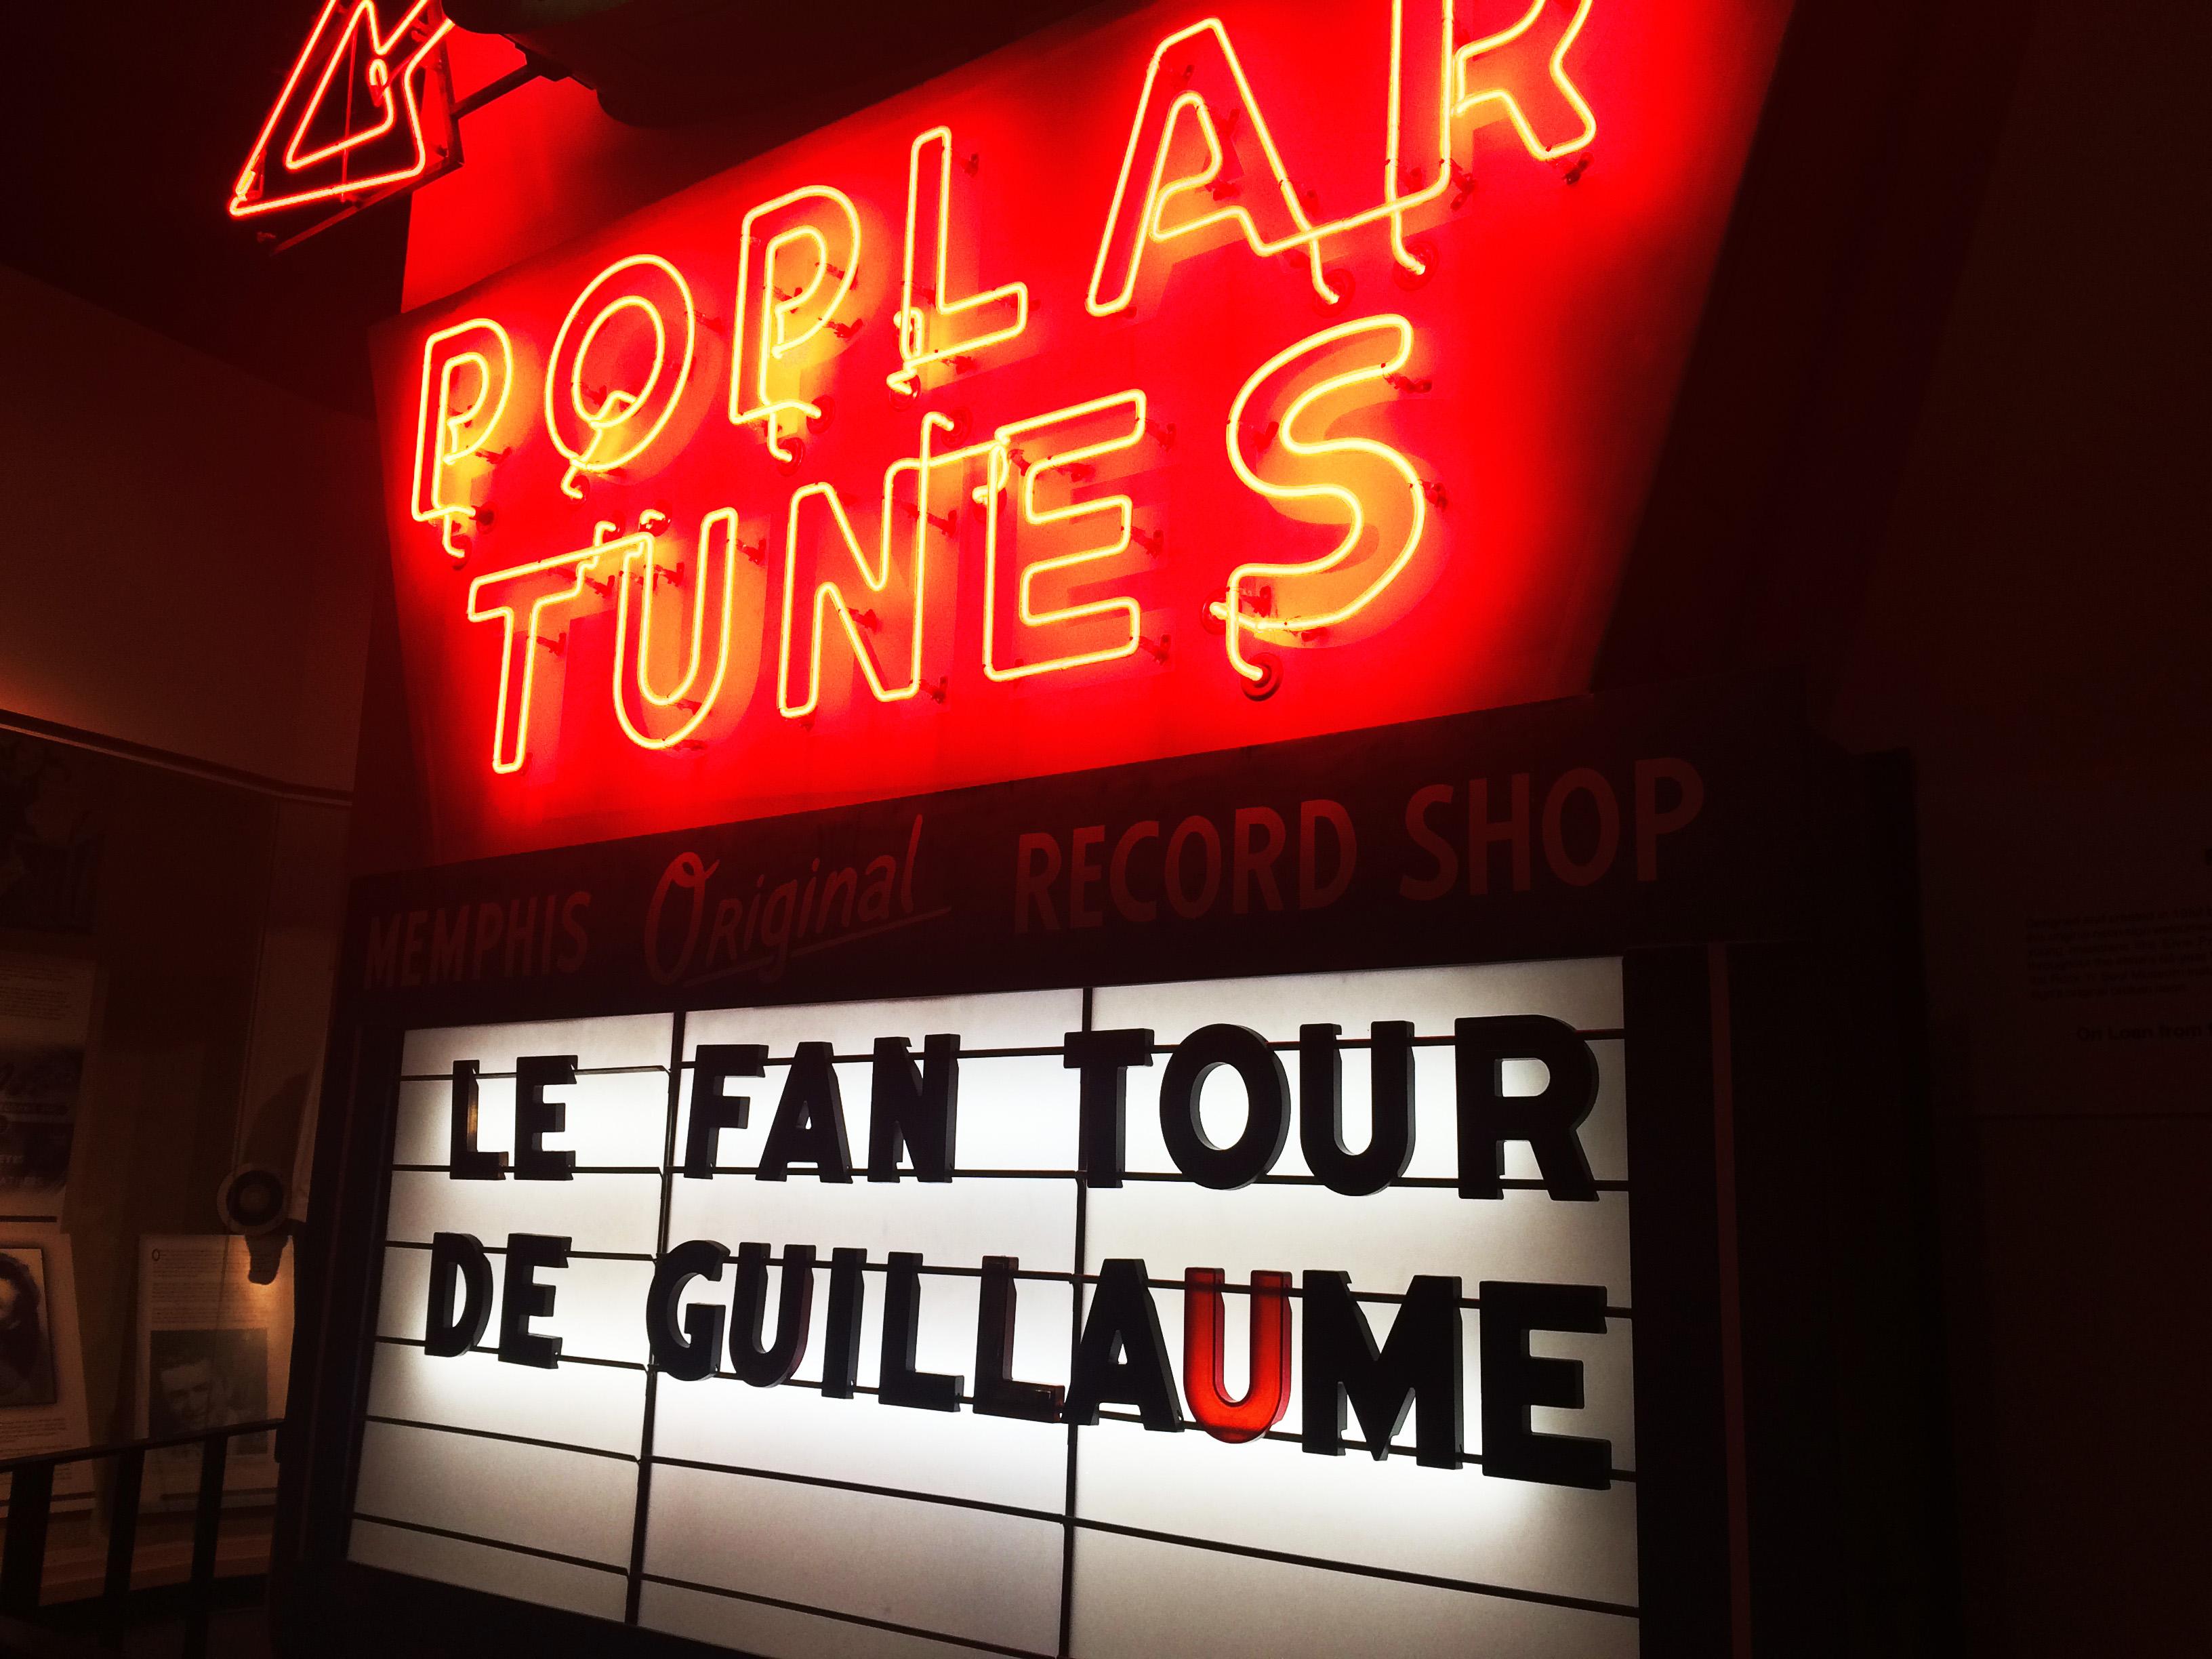 Le Fan tour de Guillaume: Dans la peau d'Elvis